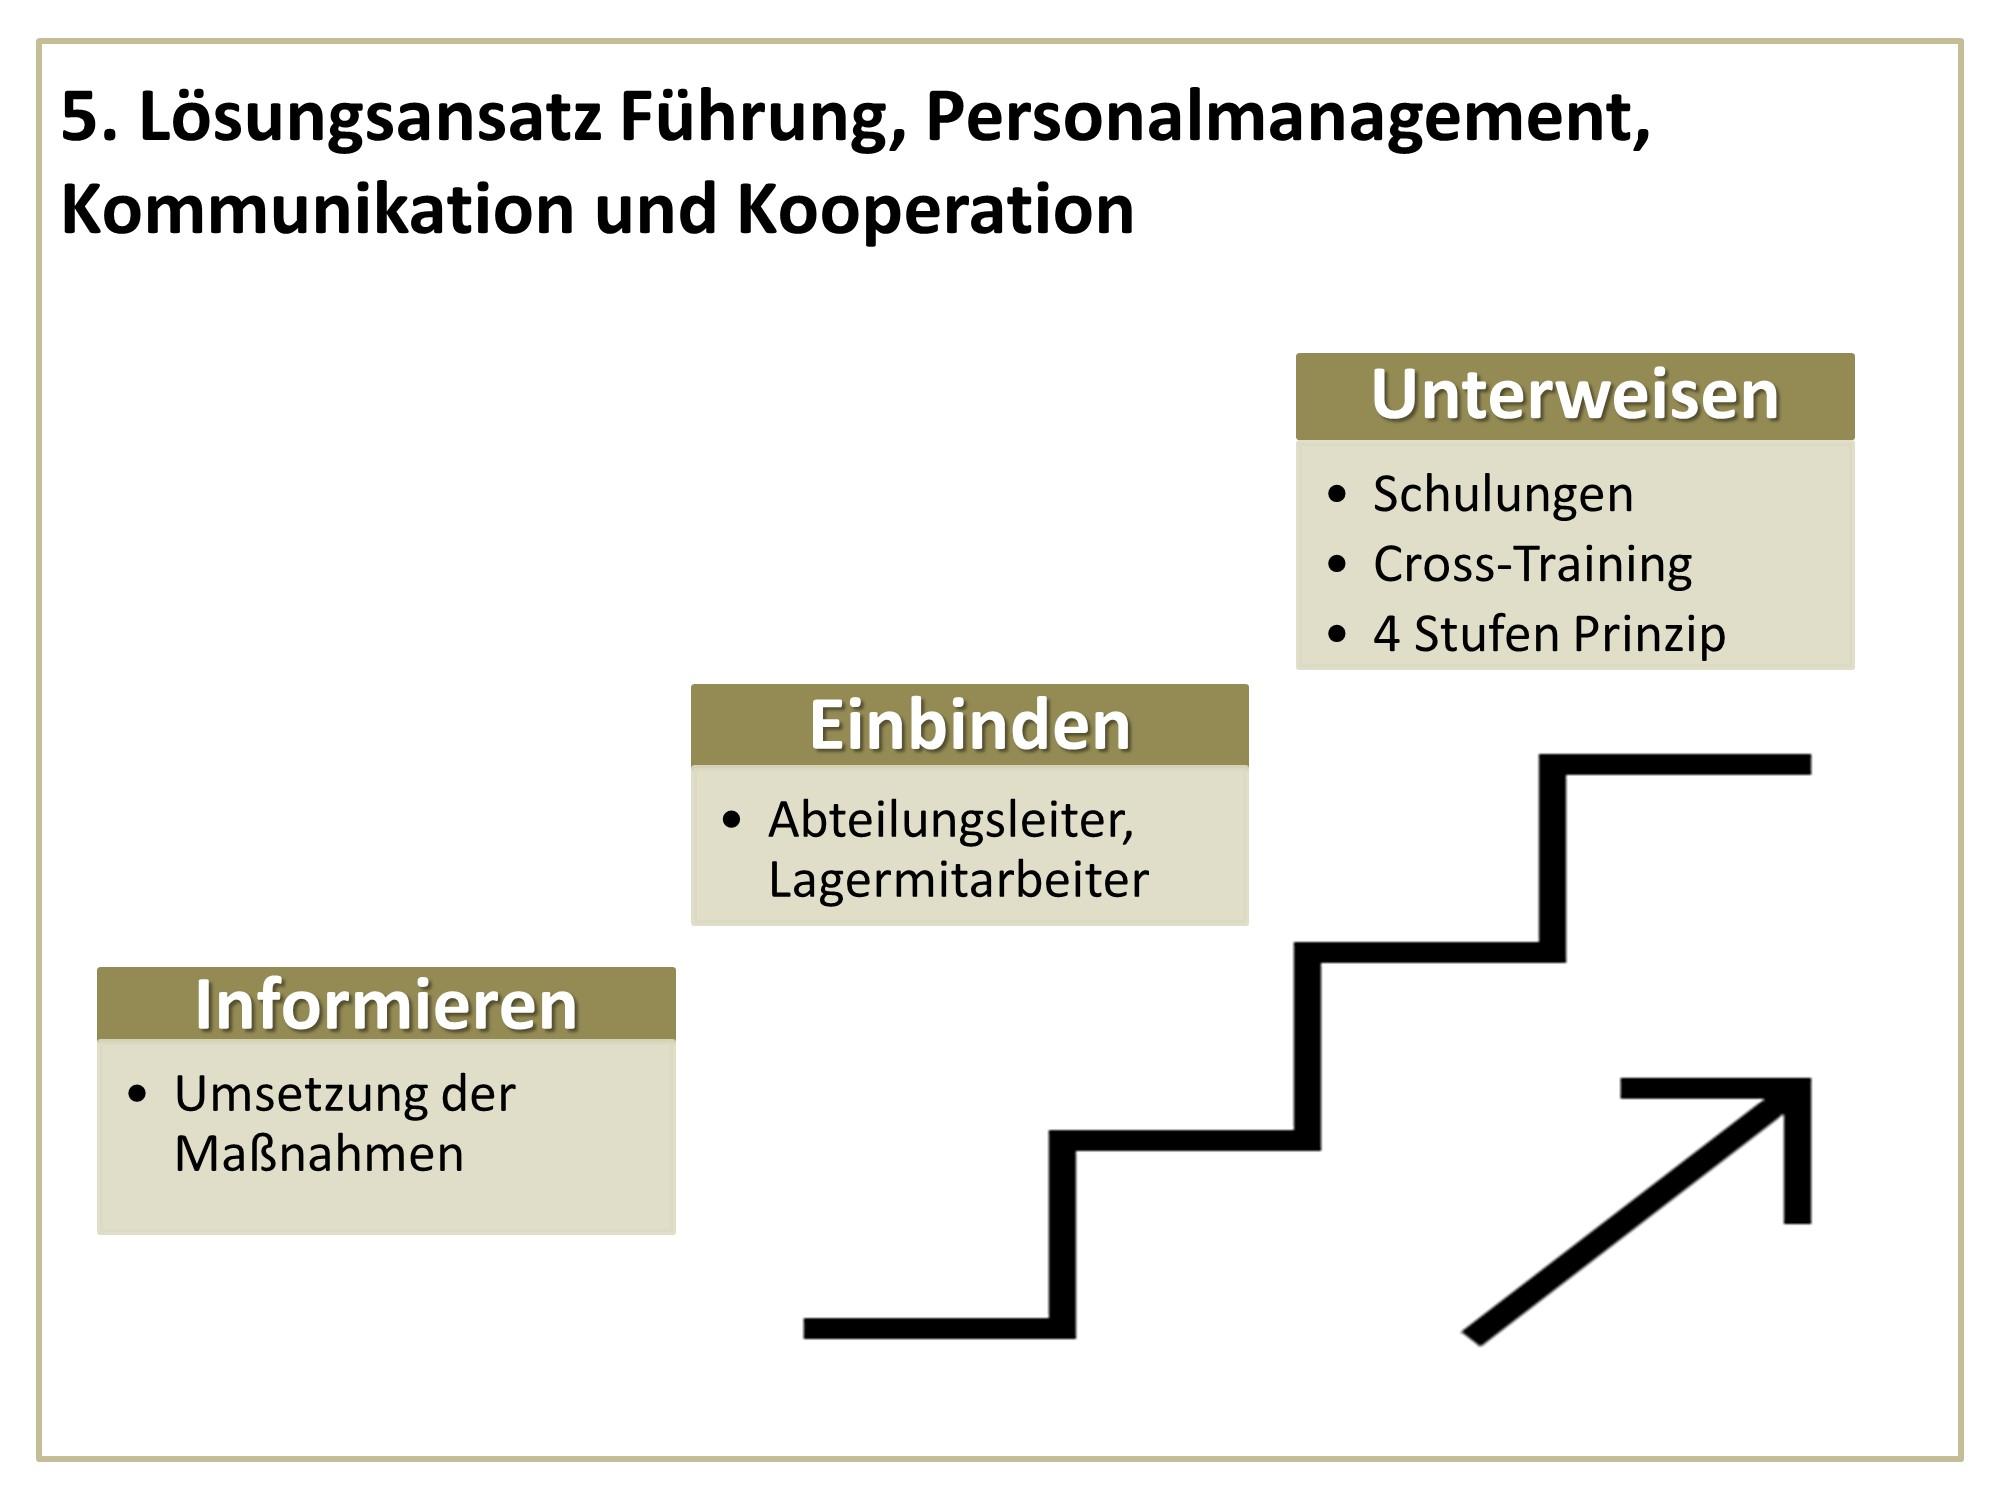 HF Praesentation Hotel Vier jah. - Beispielfolien Handelsfachwirt mündliche Prüfung